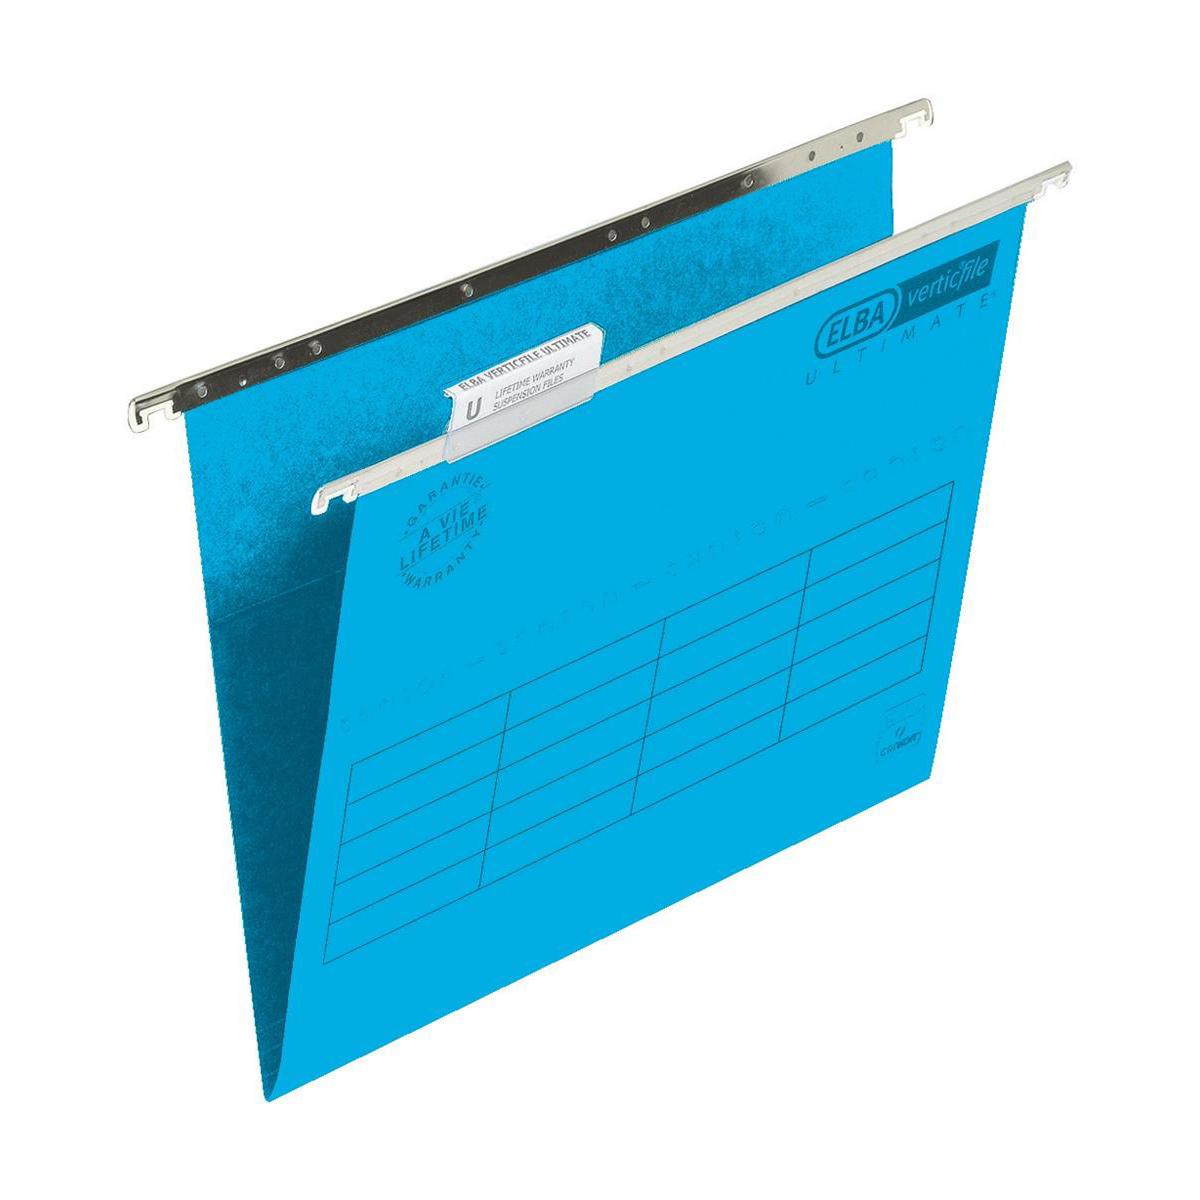 Elba Verticfile Ultimate Suspension File 15mm V-base Manilla 240gsm Foolscap Blue Ref 100331115 Pack 50